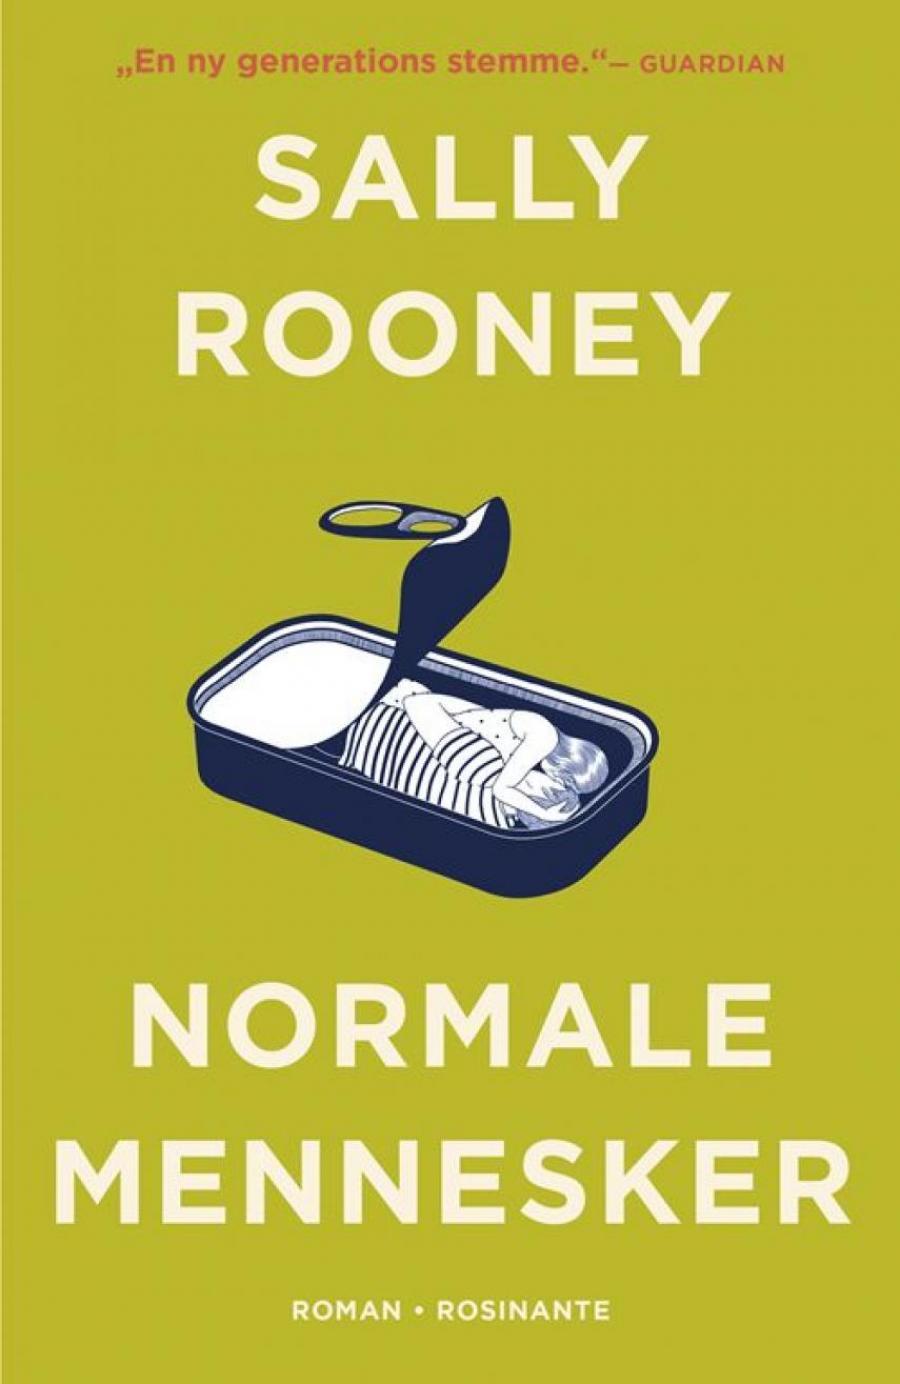 Forsidebillede af bogen Normale mennesker af Sally Rooney